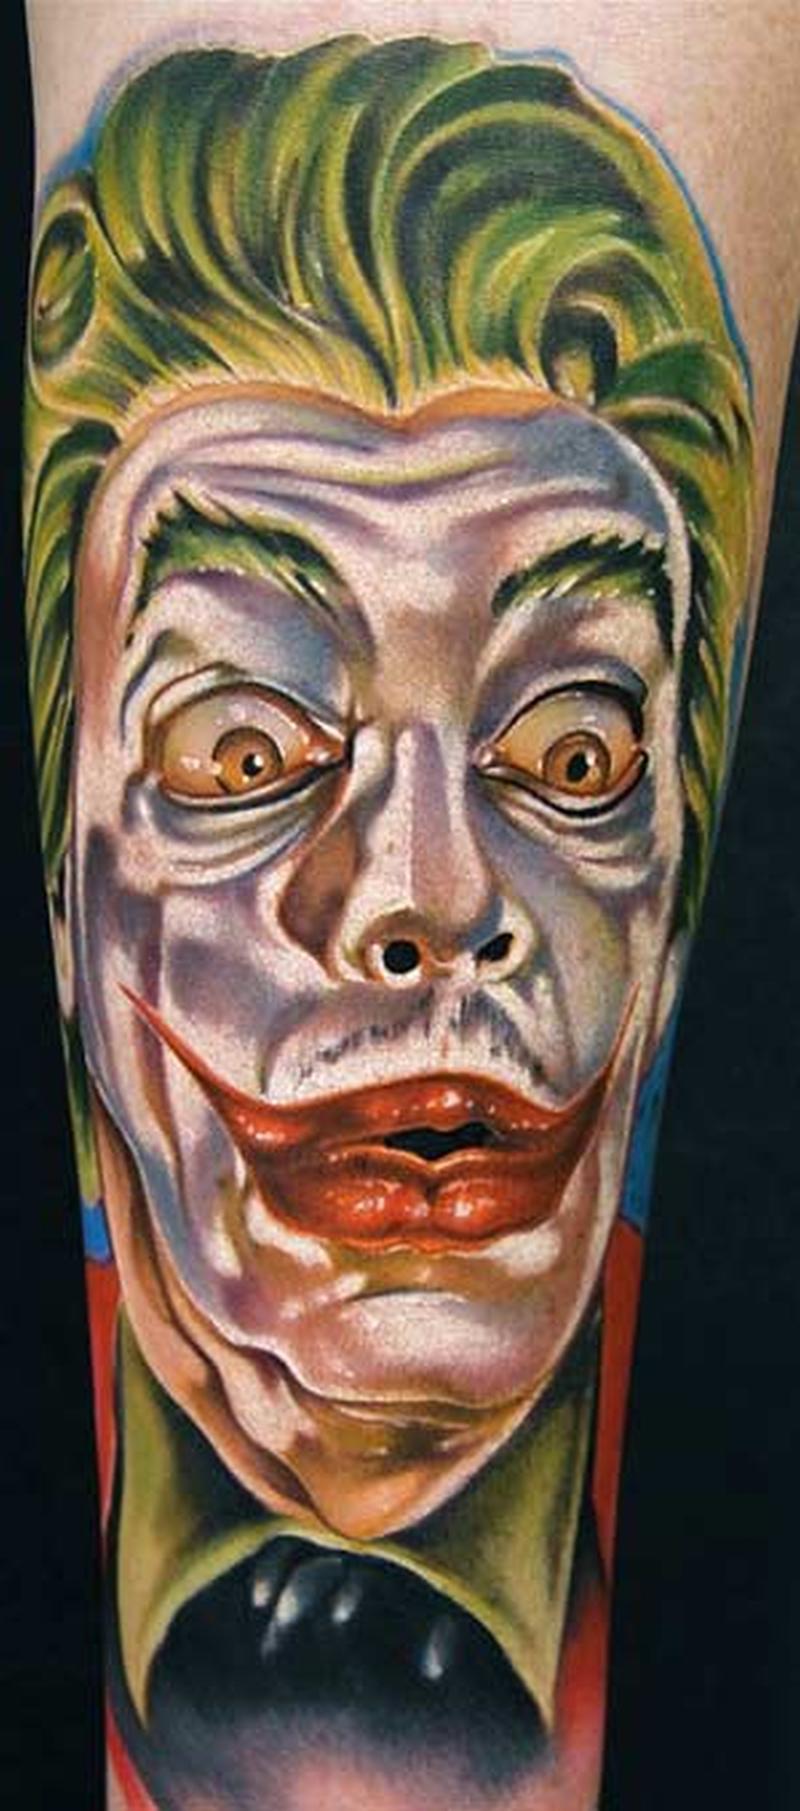 Superb joker art tattoo